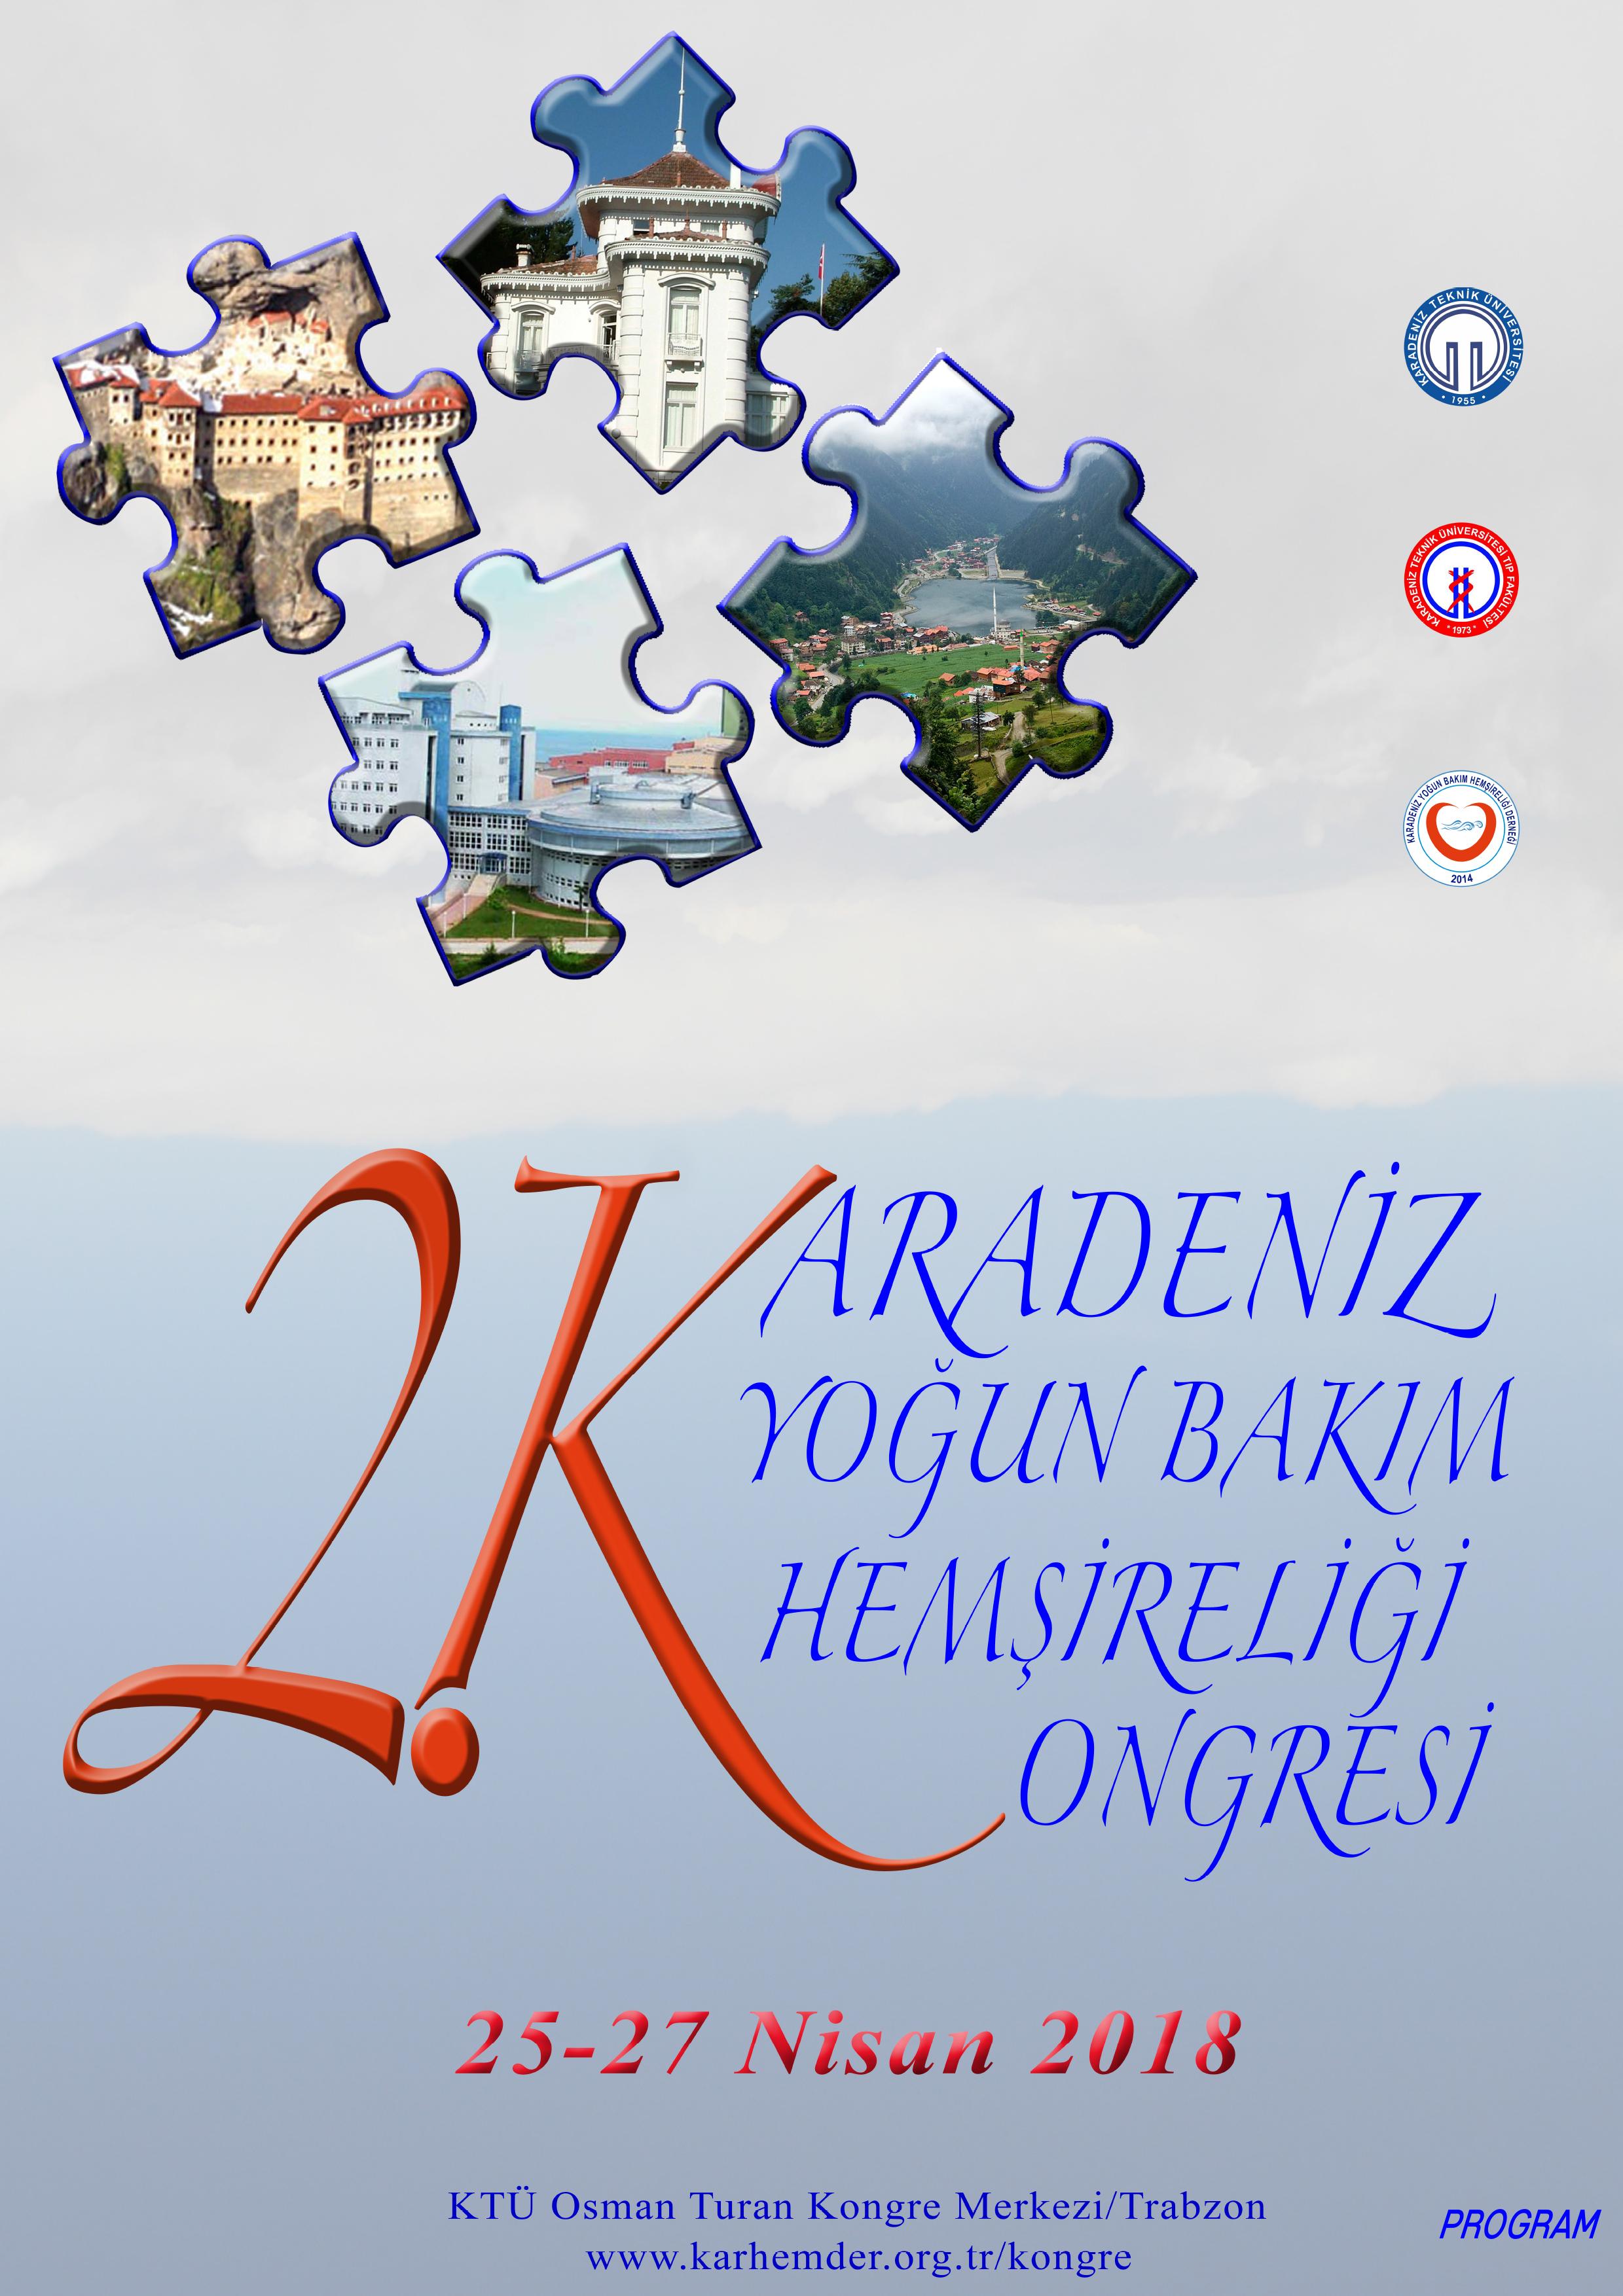 2.Karadeniz Yoðun Bakým Hemþireliði Kongresi